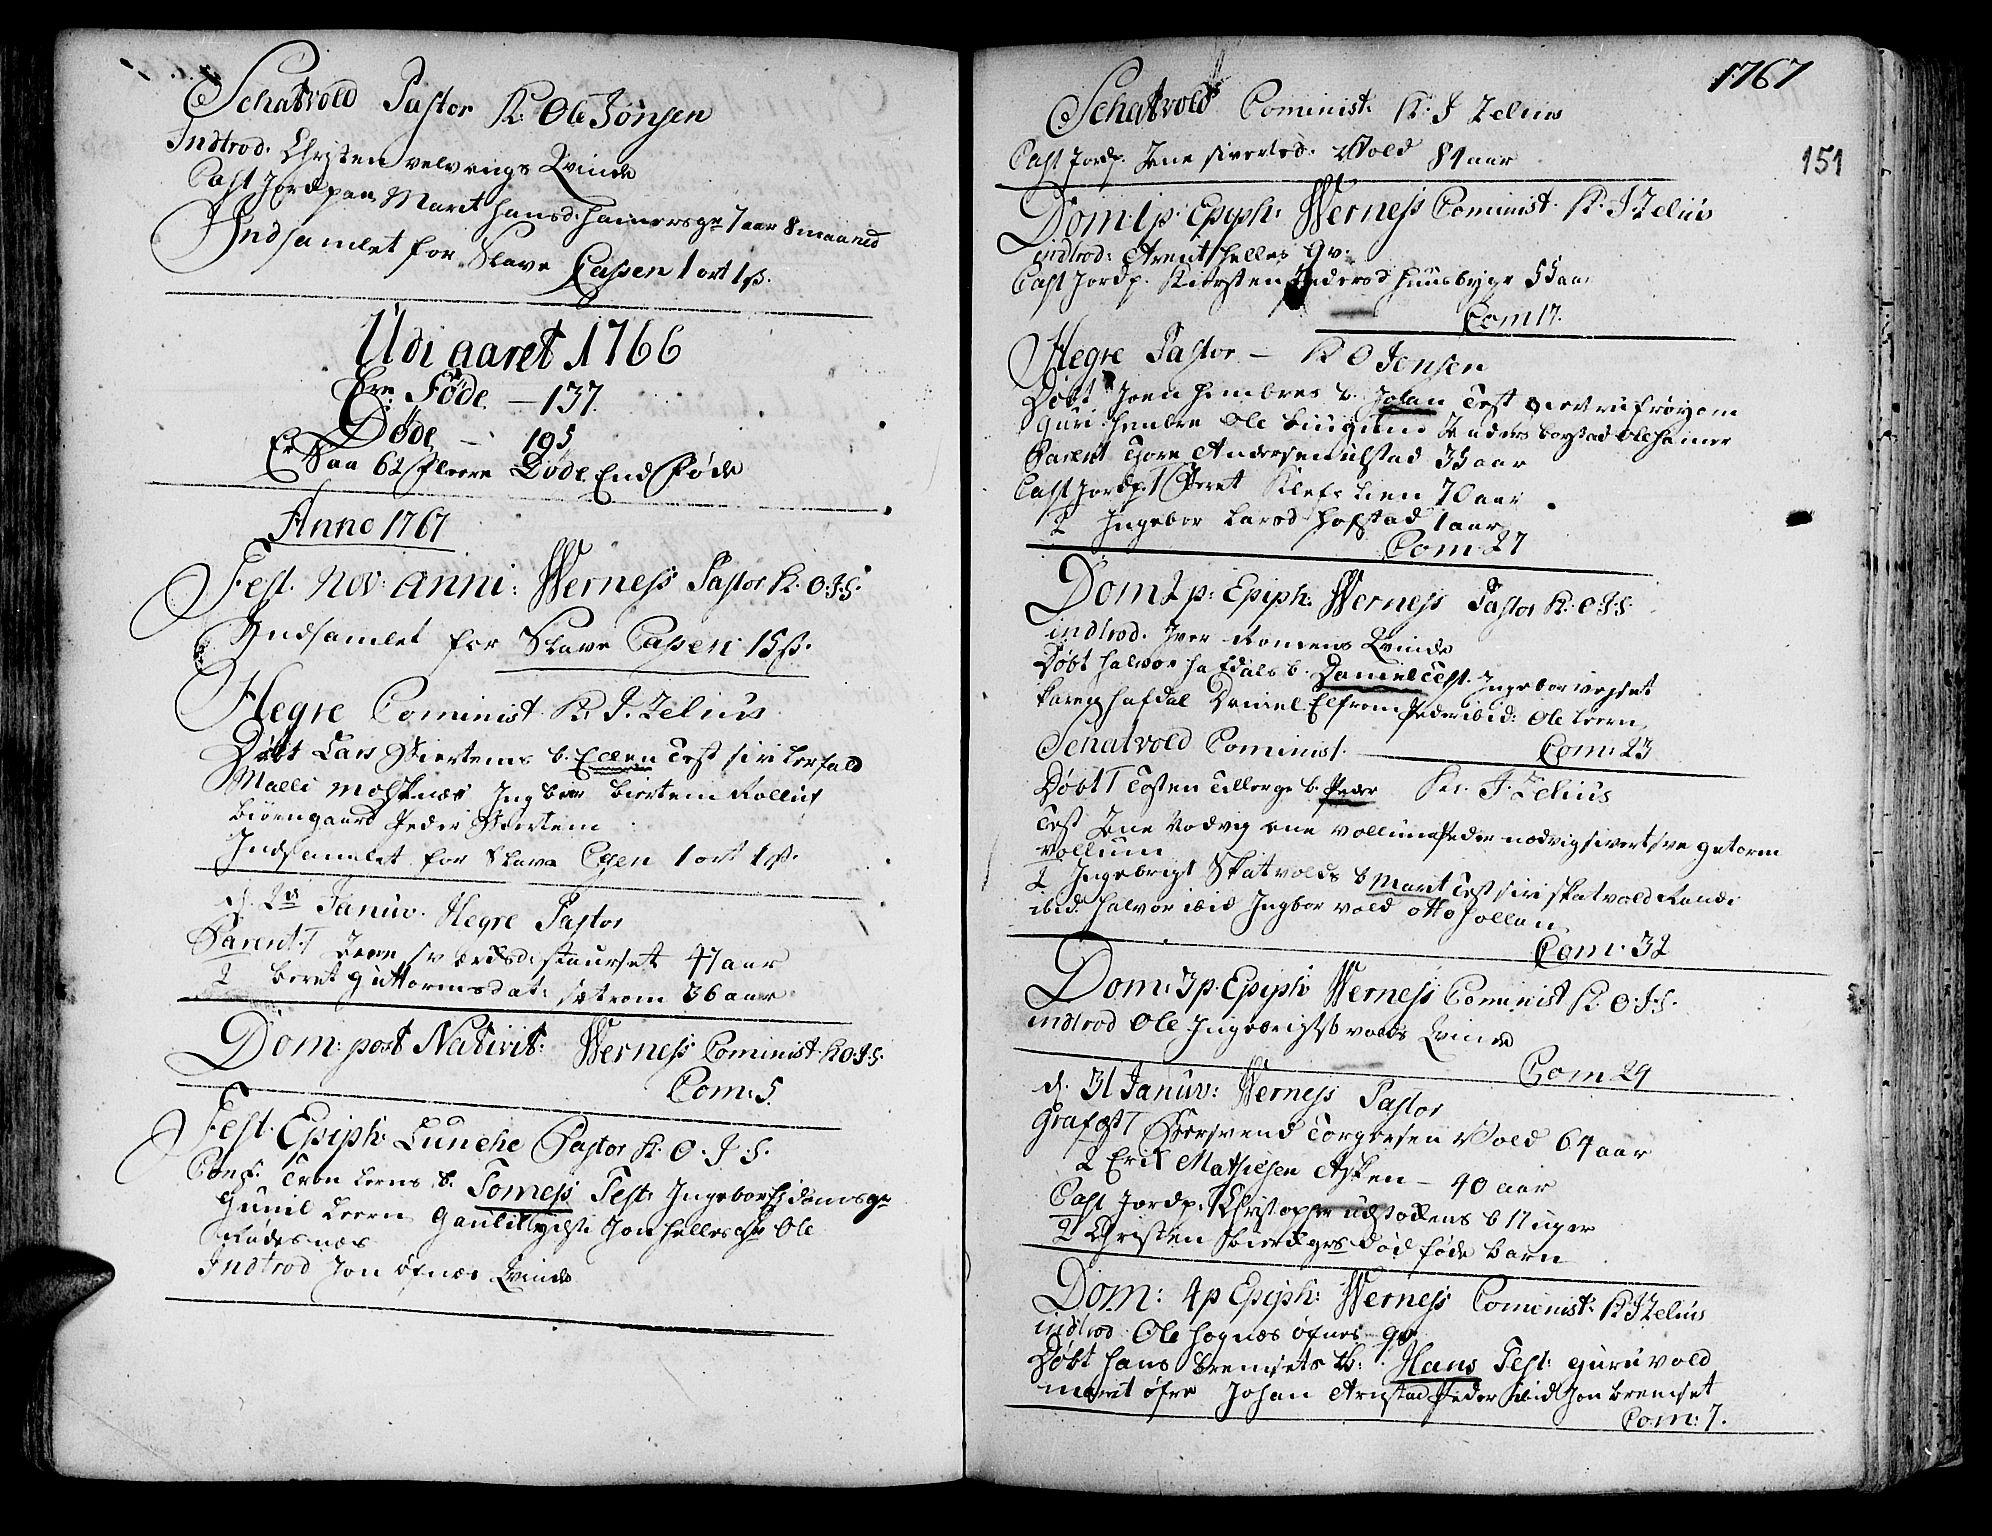 SAT, Ministerialprotokoller, klokkerbøker og fødselsregistre - Nord-Trøndelag, 709/L0057: Ministerialbok nr. 709A05, 1755-1780, s. 151